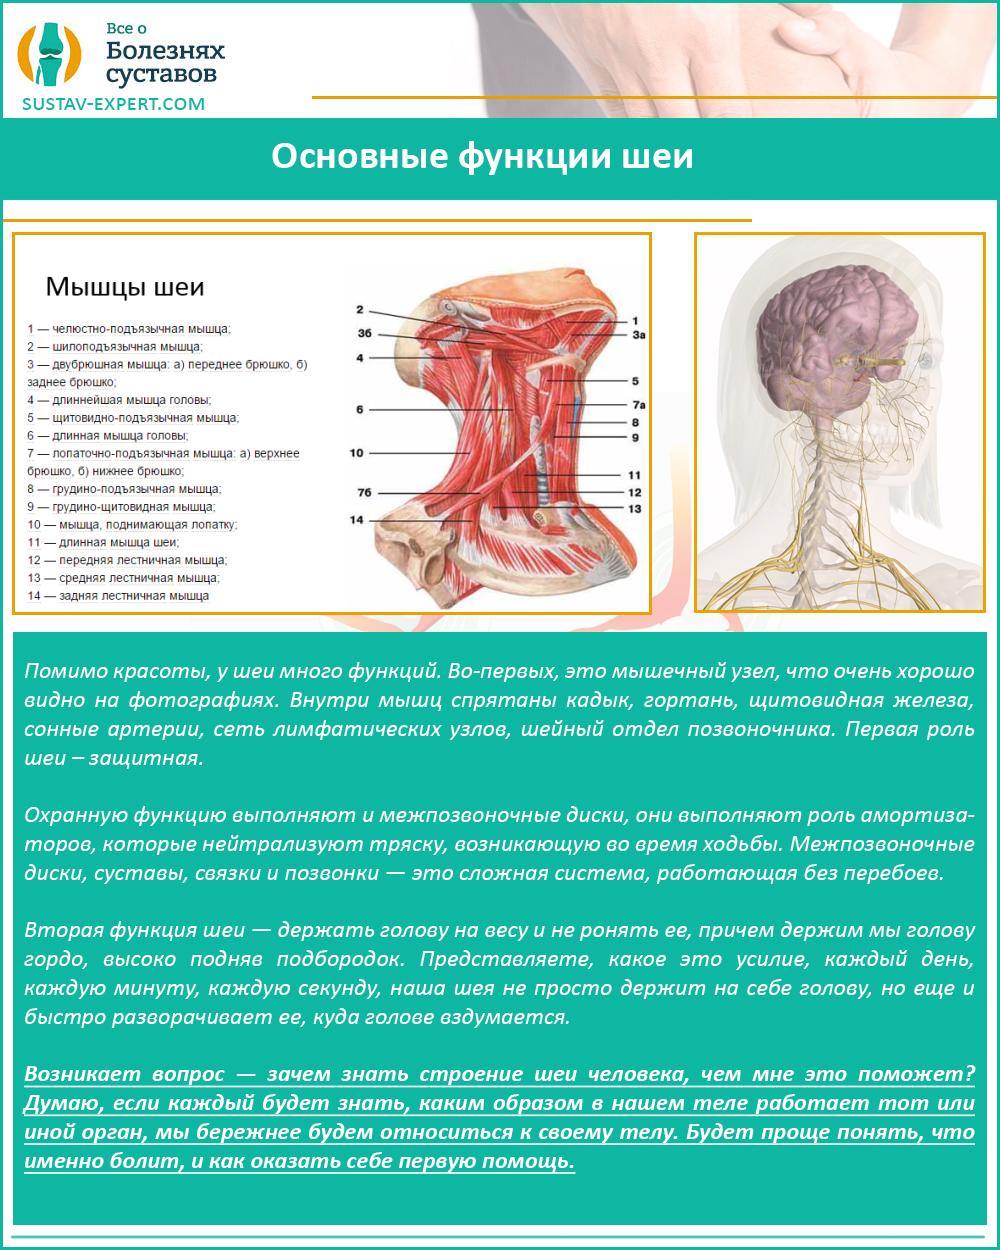 Основные функции шеи